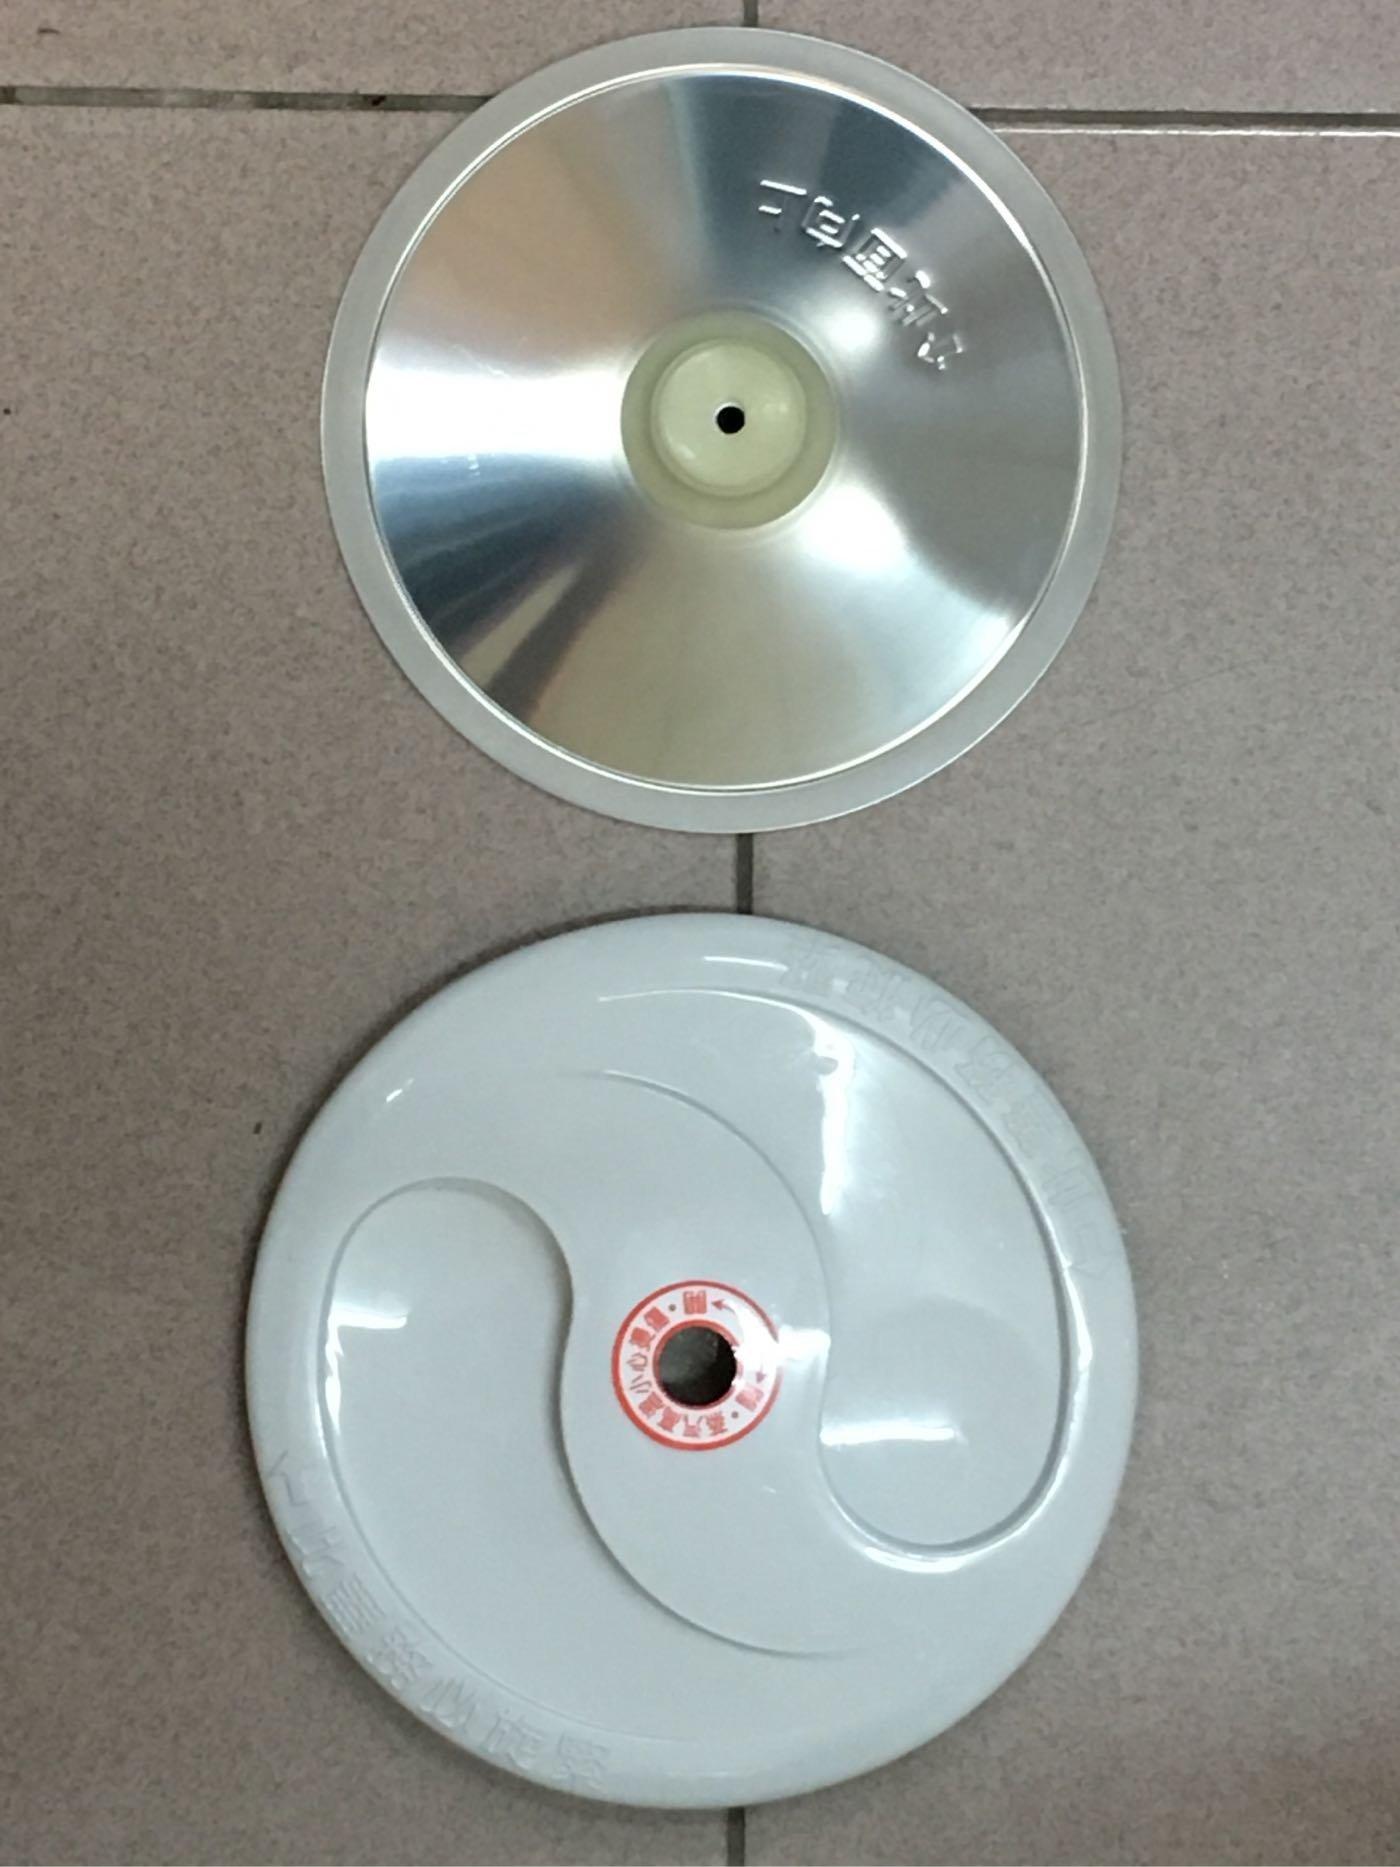 ☆晶工牌 開飲機 (熱水膽上蓋 +不鏽鋼內蓋 )~JD-1502 / JD-1503 / JD-1510 /1507